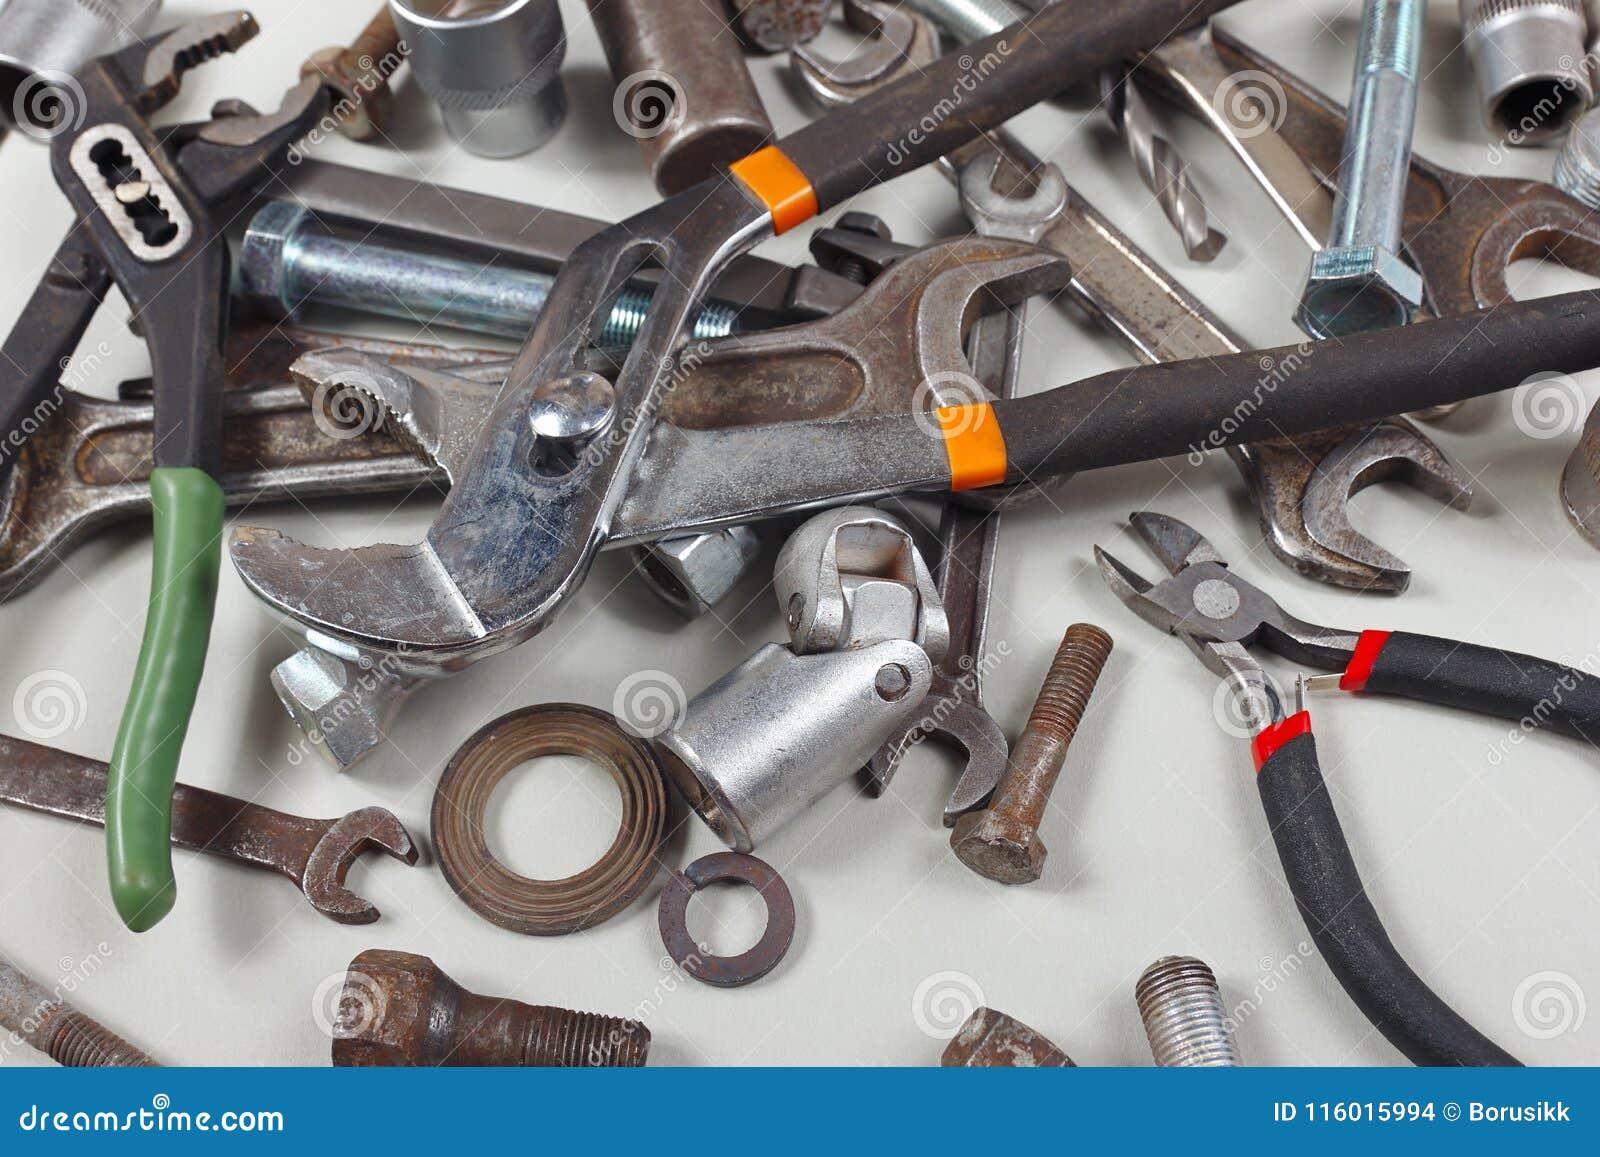 Nowi i starzy spanners dokrętki, rygle i dokrętki dla machinalnej pracy zbliżenia,